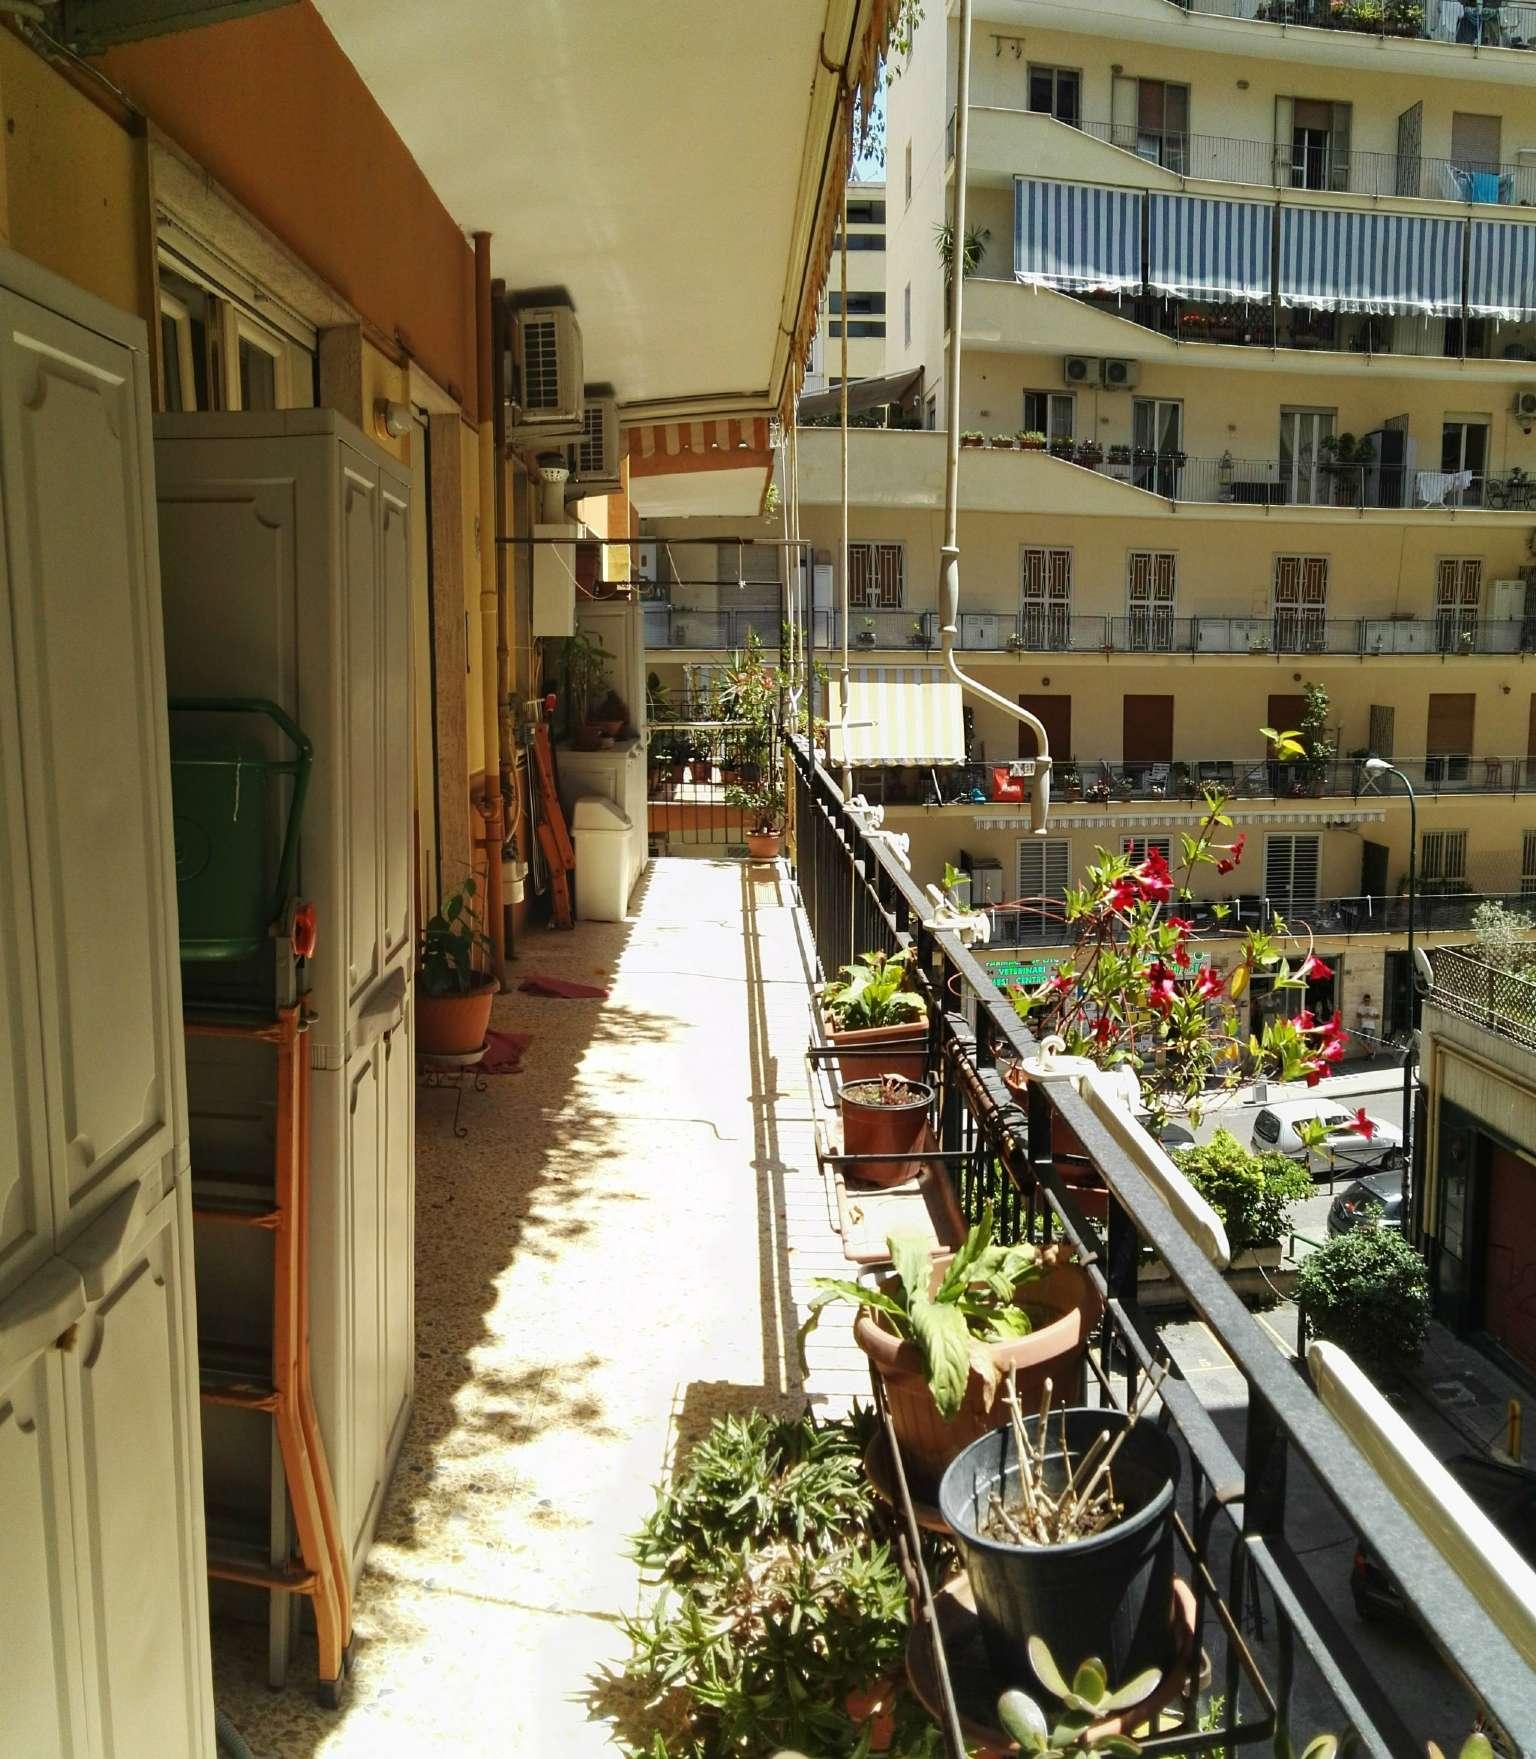 Bilocale Napoli Via Rodolfo Falvo 1